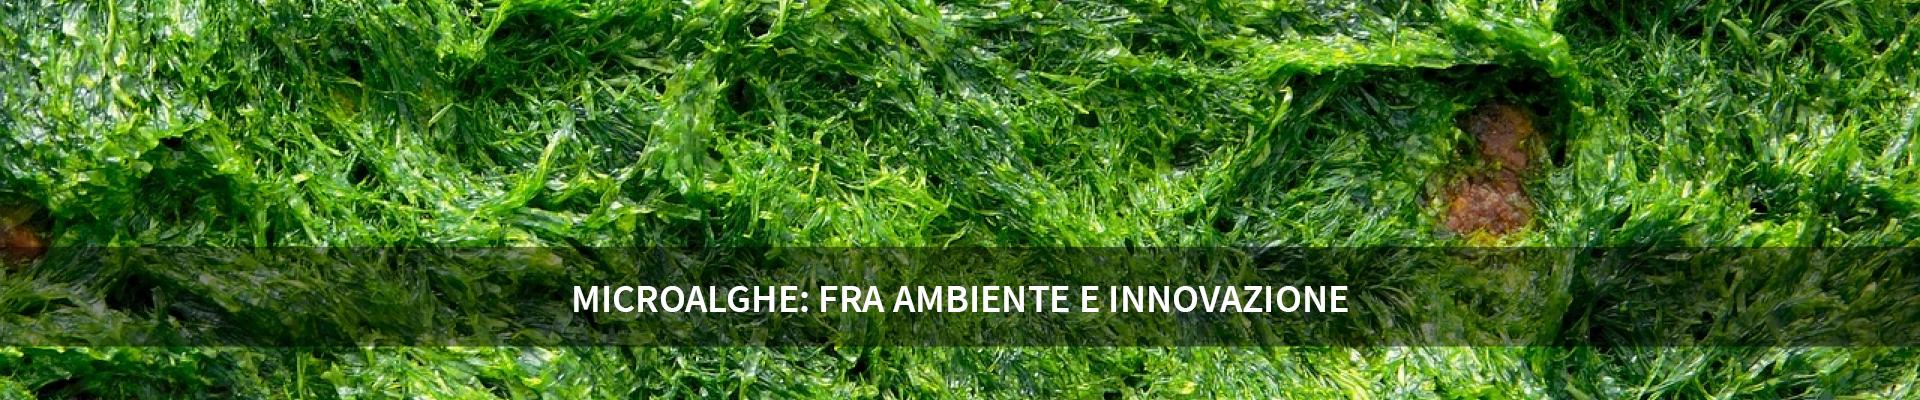 Microalghe: fra ambiente e innovazione -